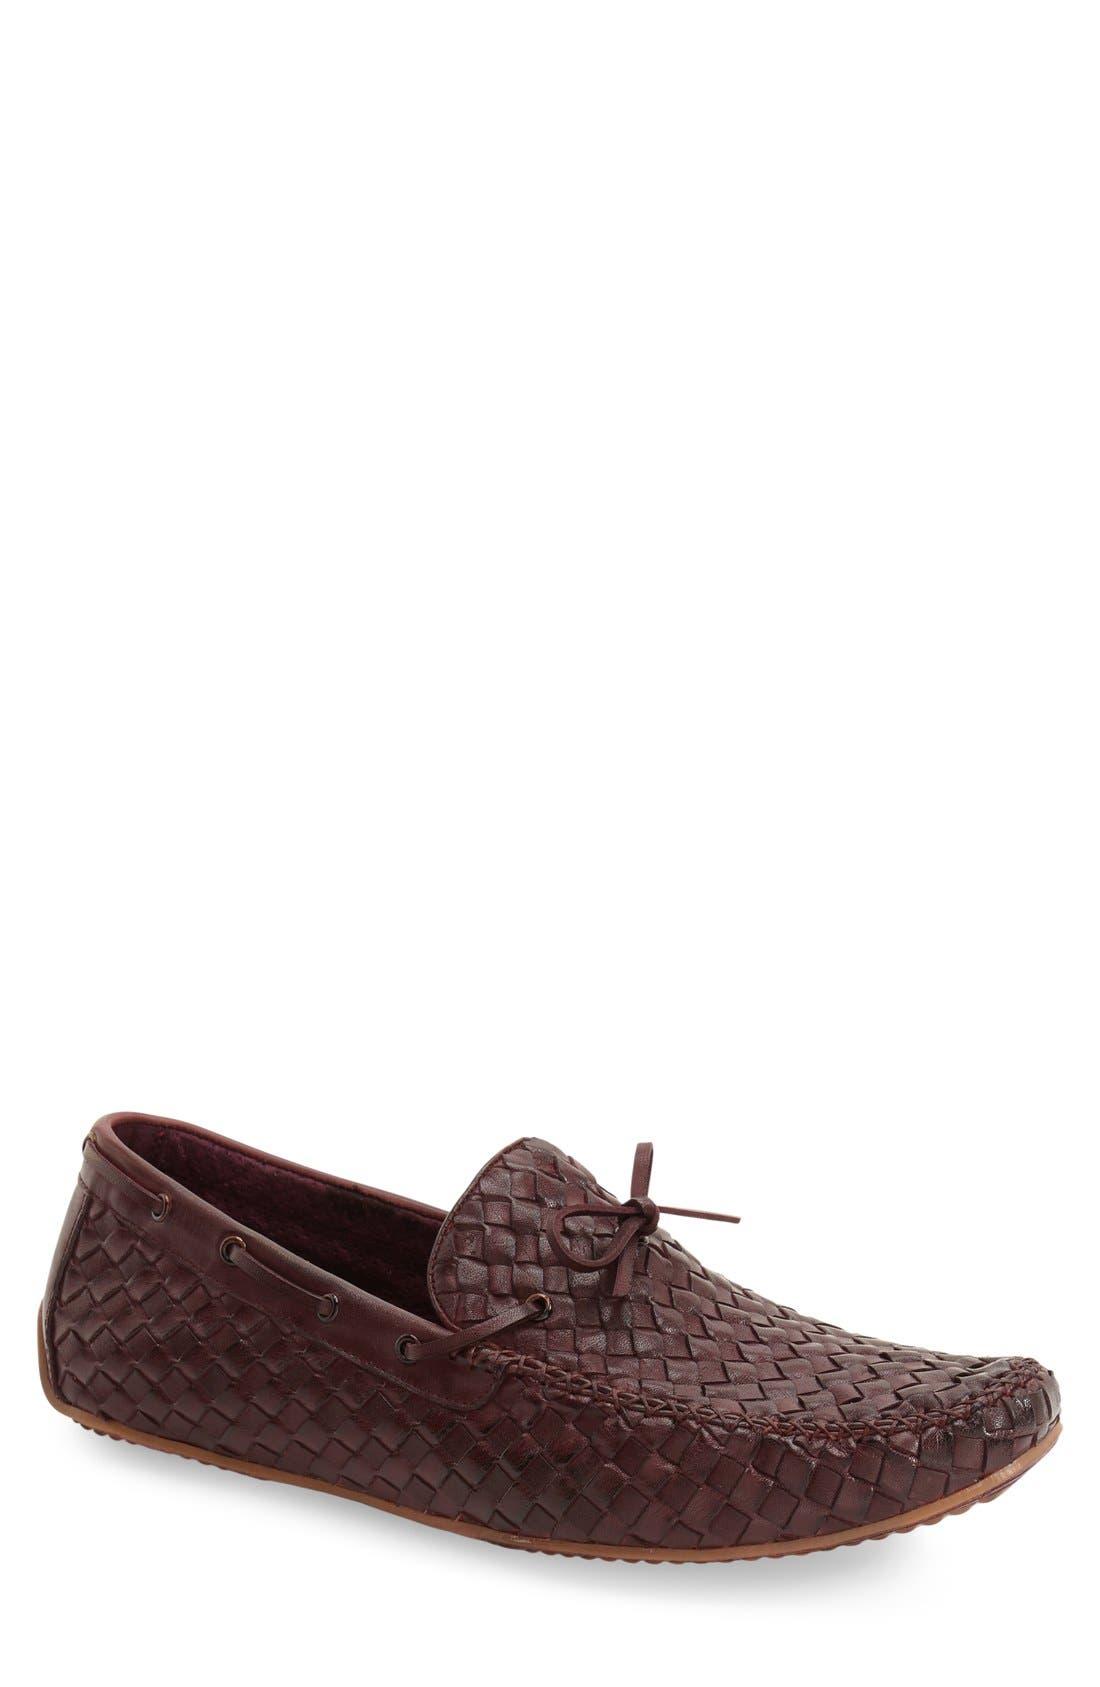 Zanzara Leather Loafer (Men)